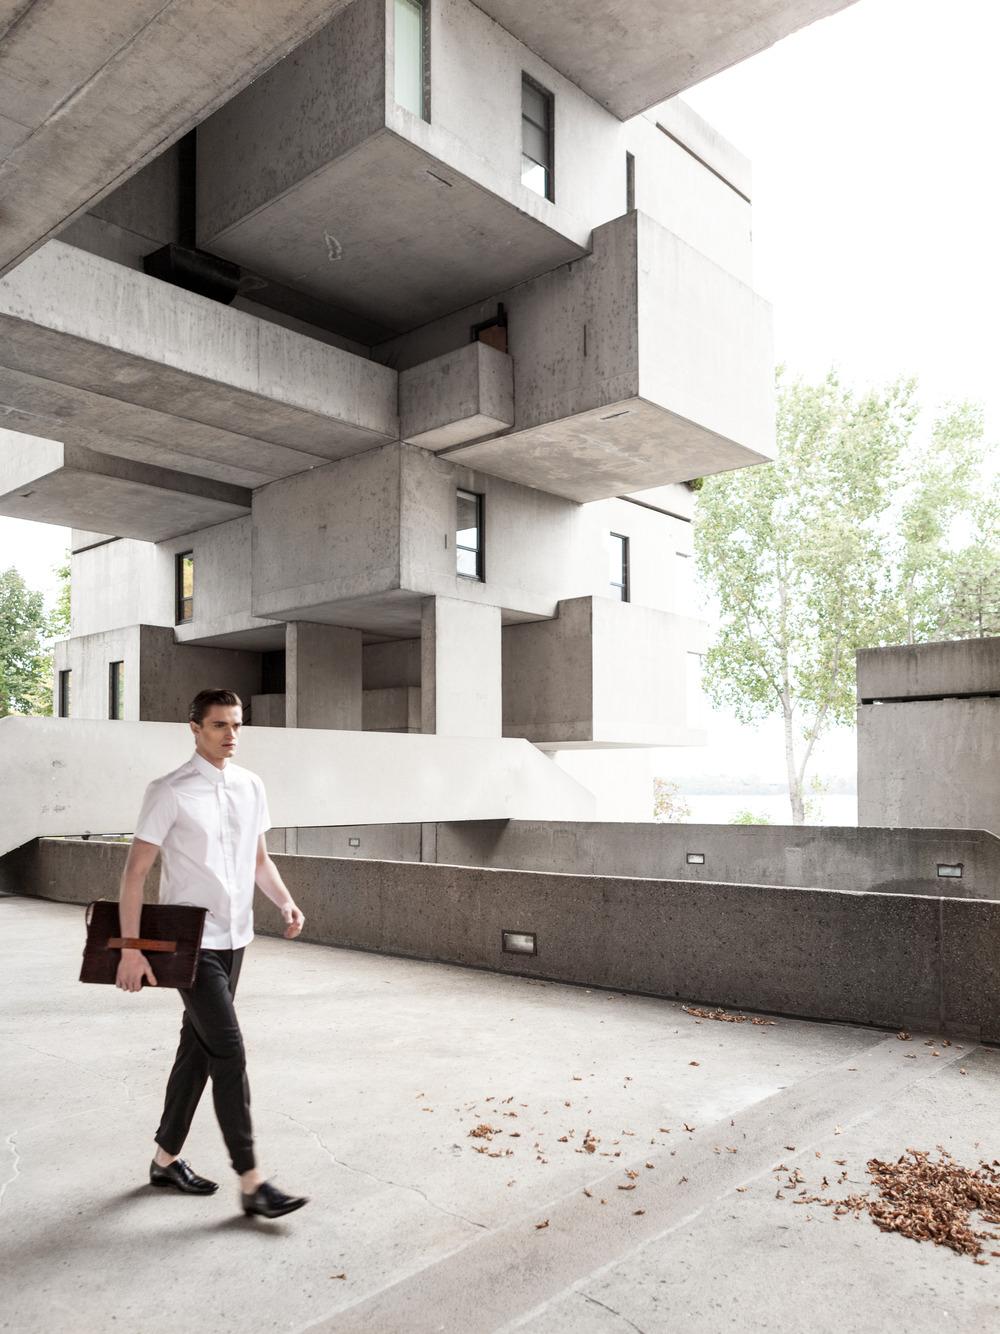 Iconic Moshe Safdie Habitat 67 by Studio Practice-11